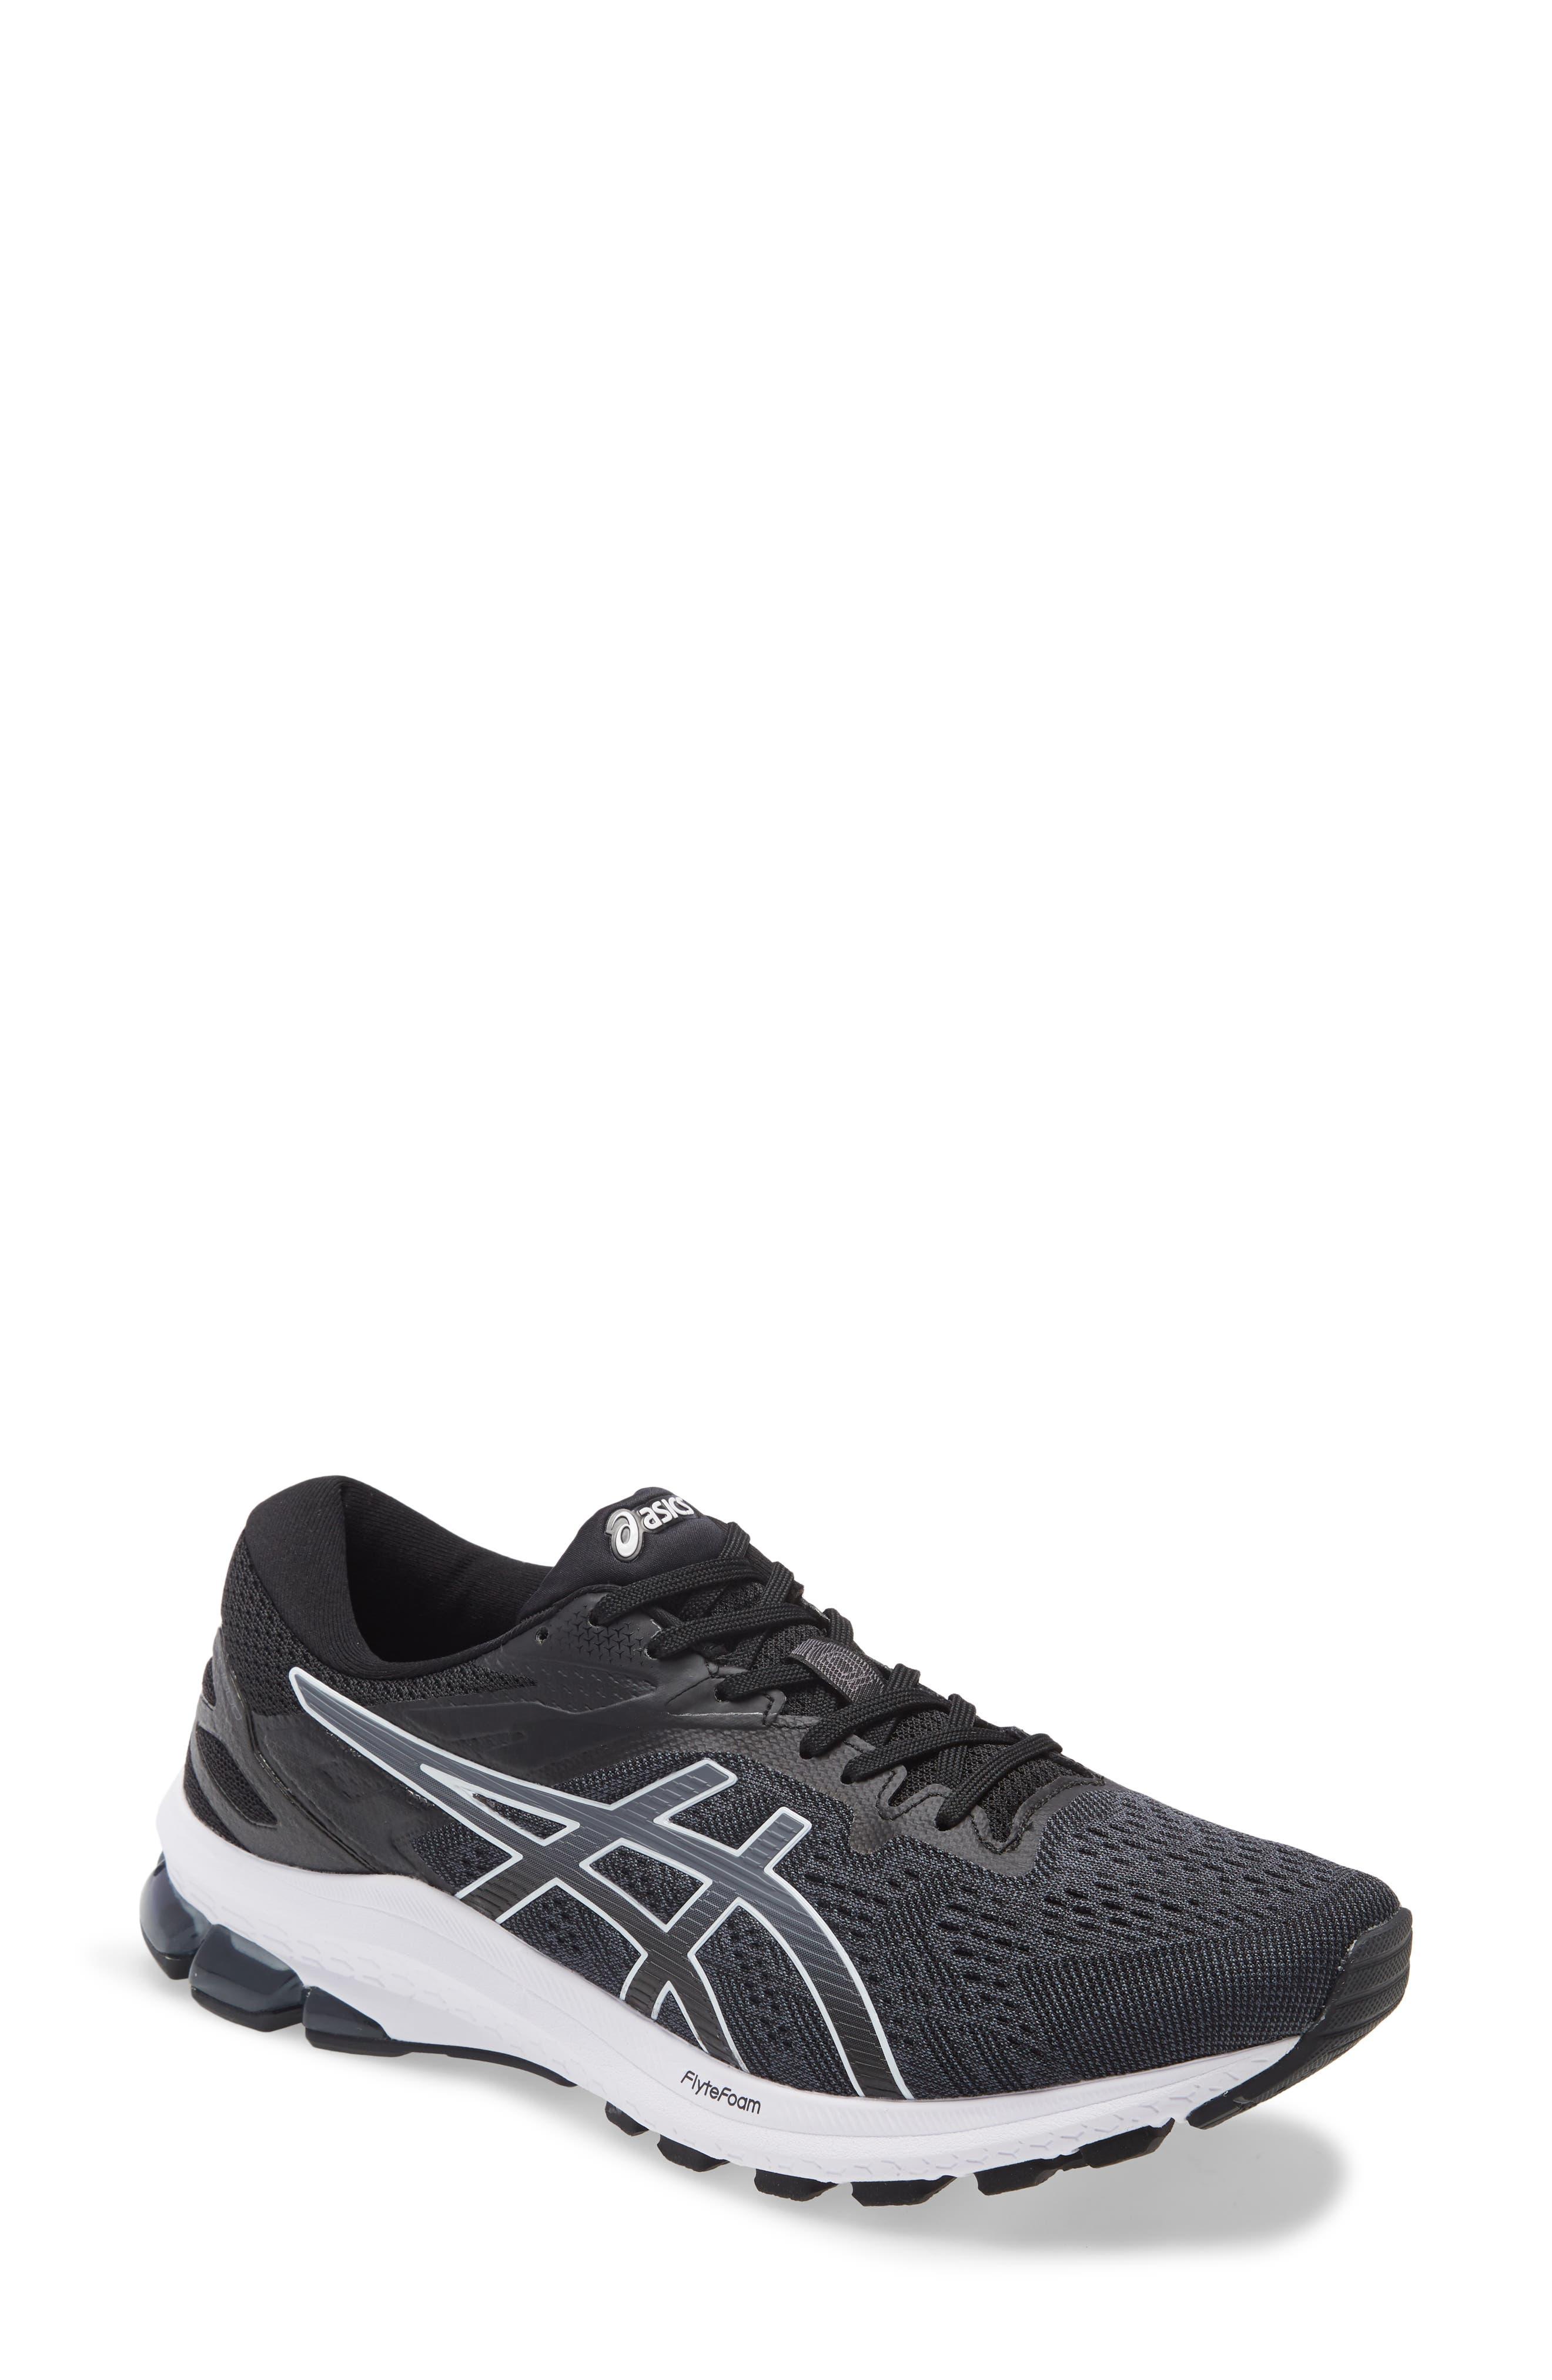 Men's Asics Gt-1000 10 Running Shoe